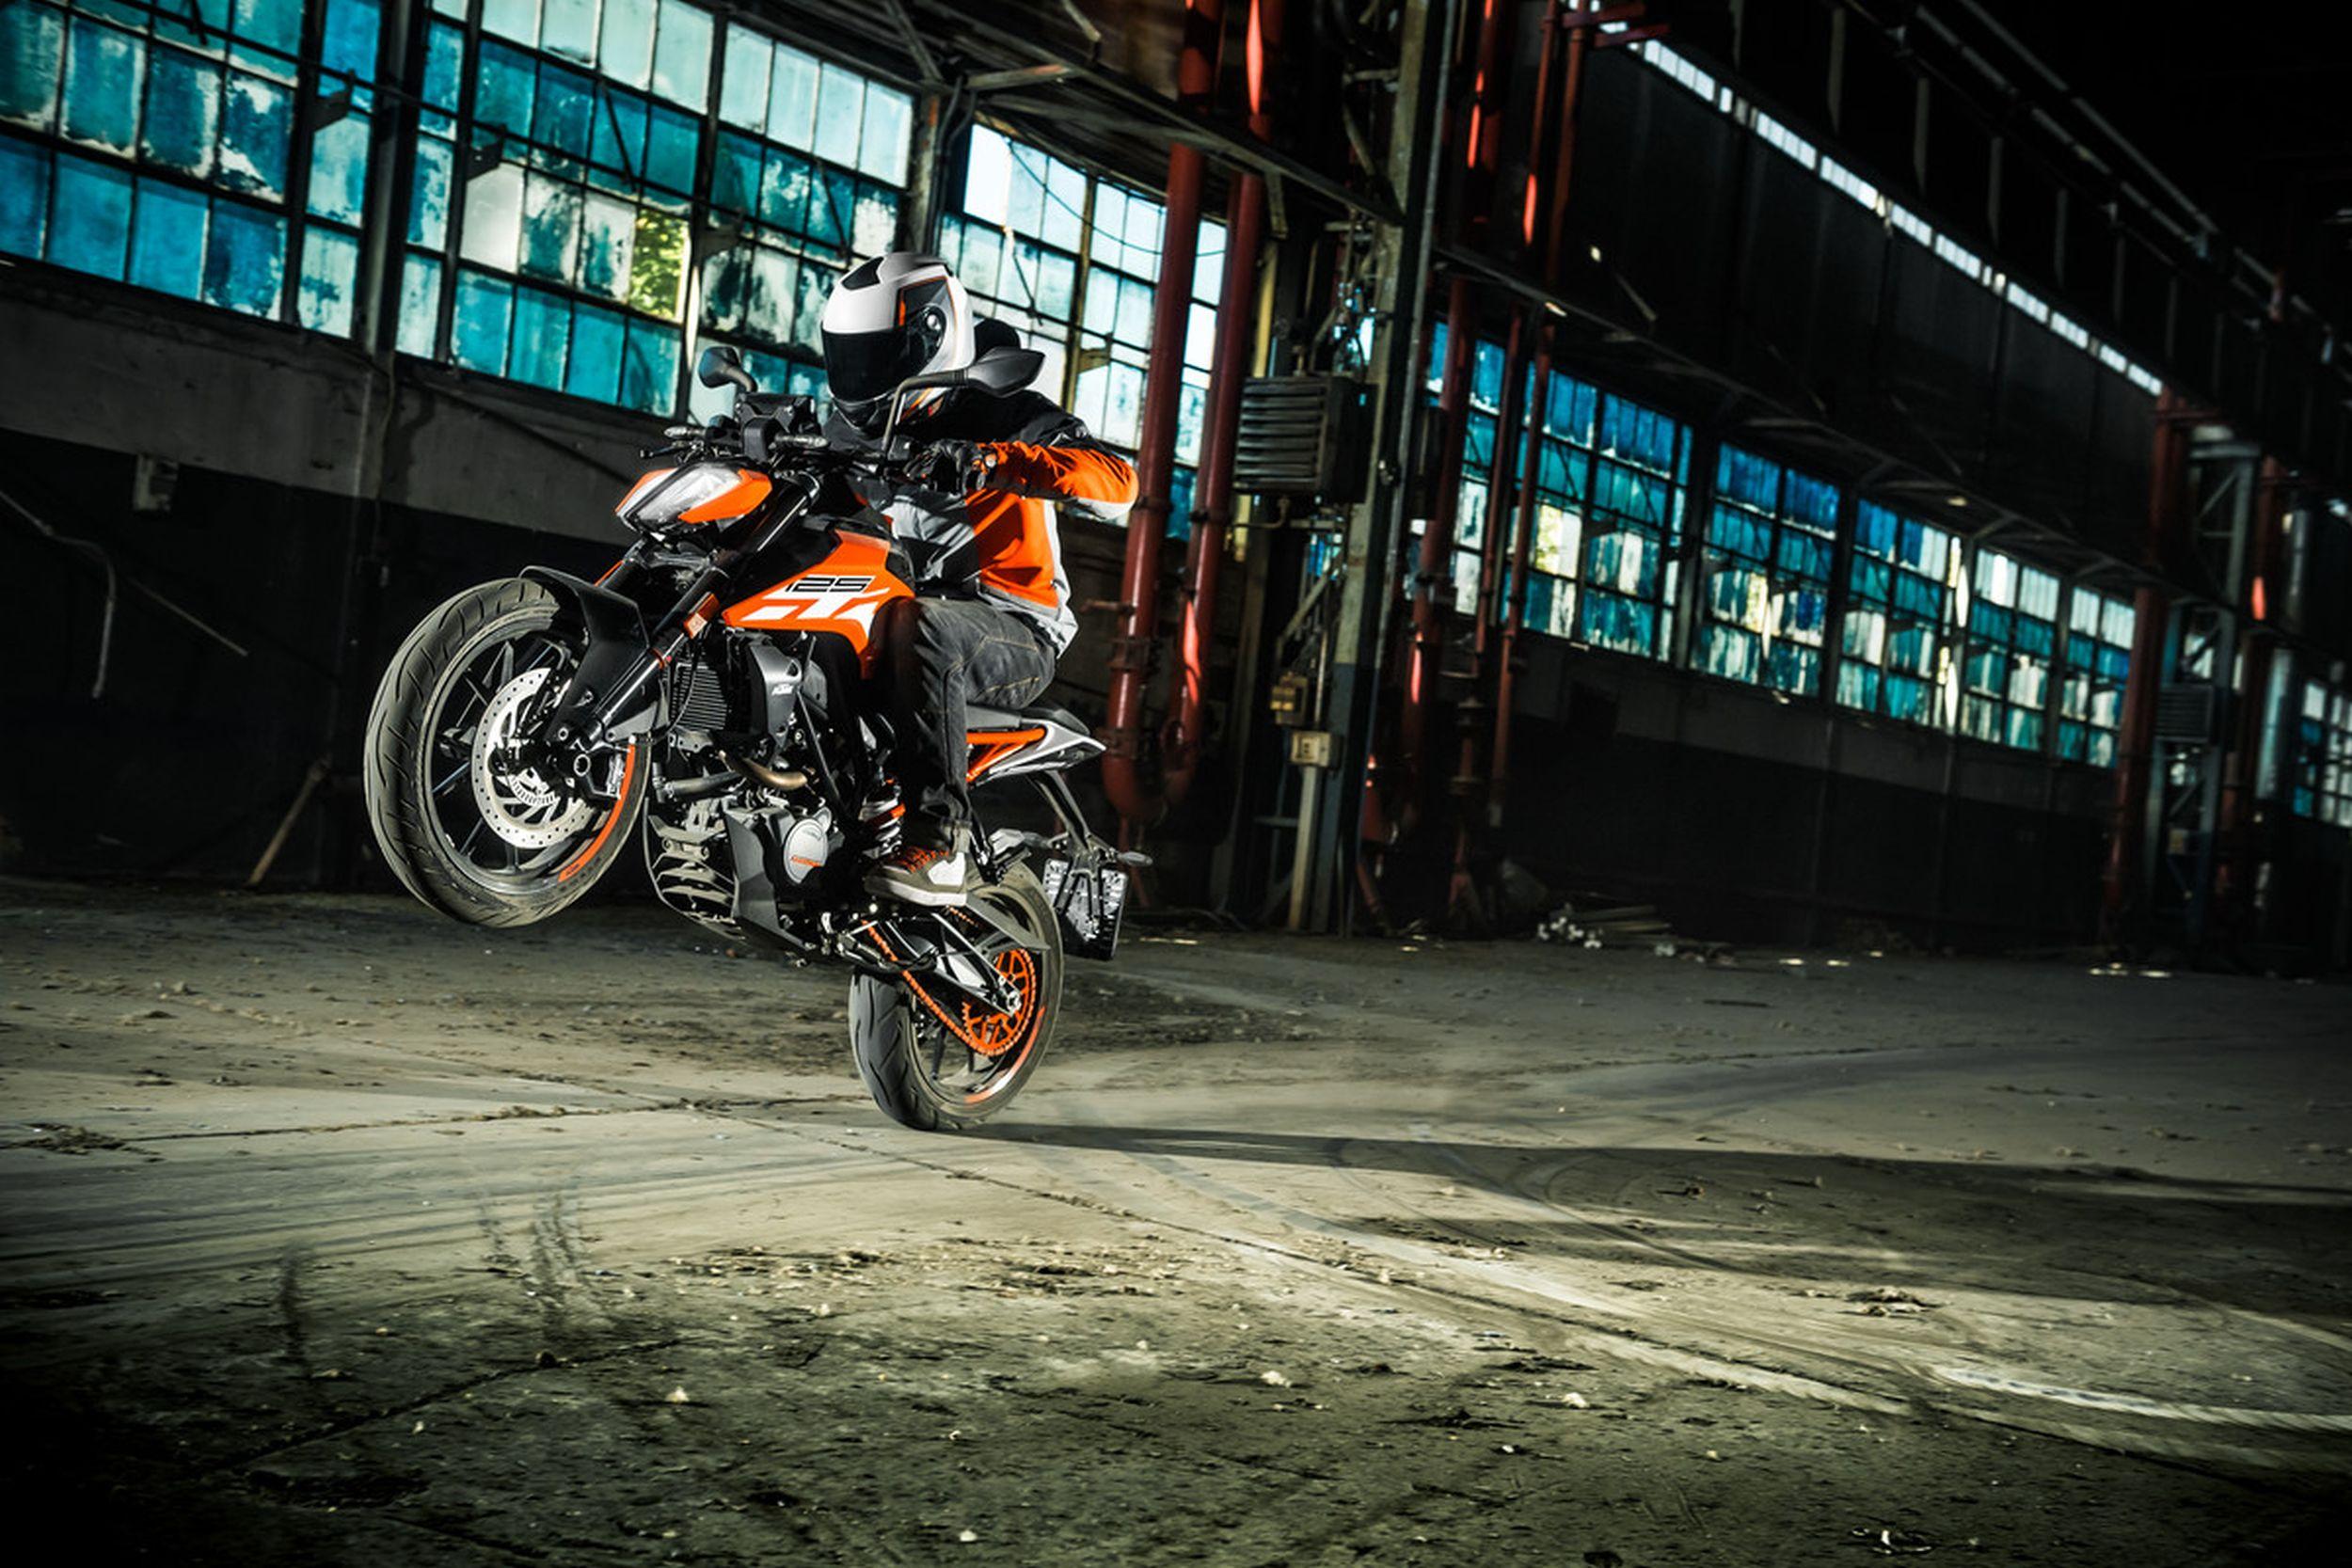 Ktm Super Adventure >> KTM 125 Duke - Test, Töff's, Bilder, technische Daten